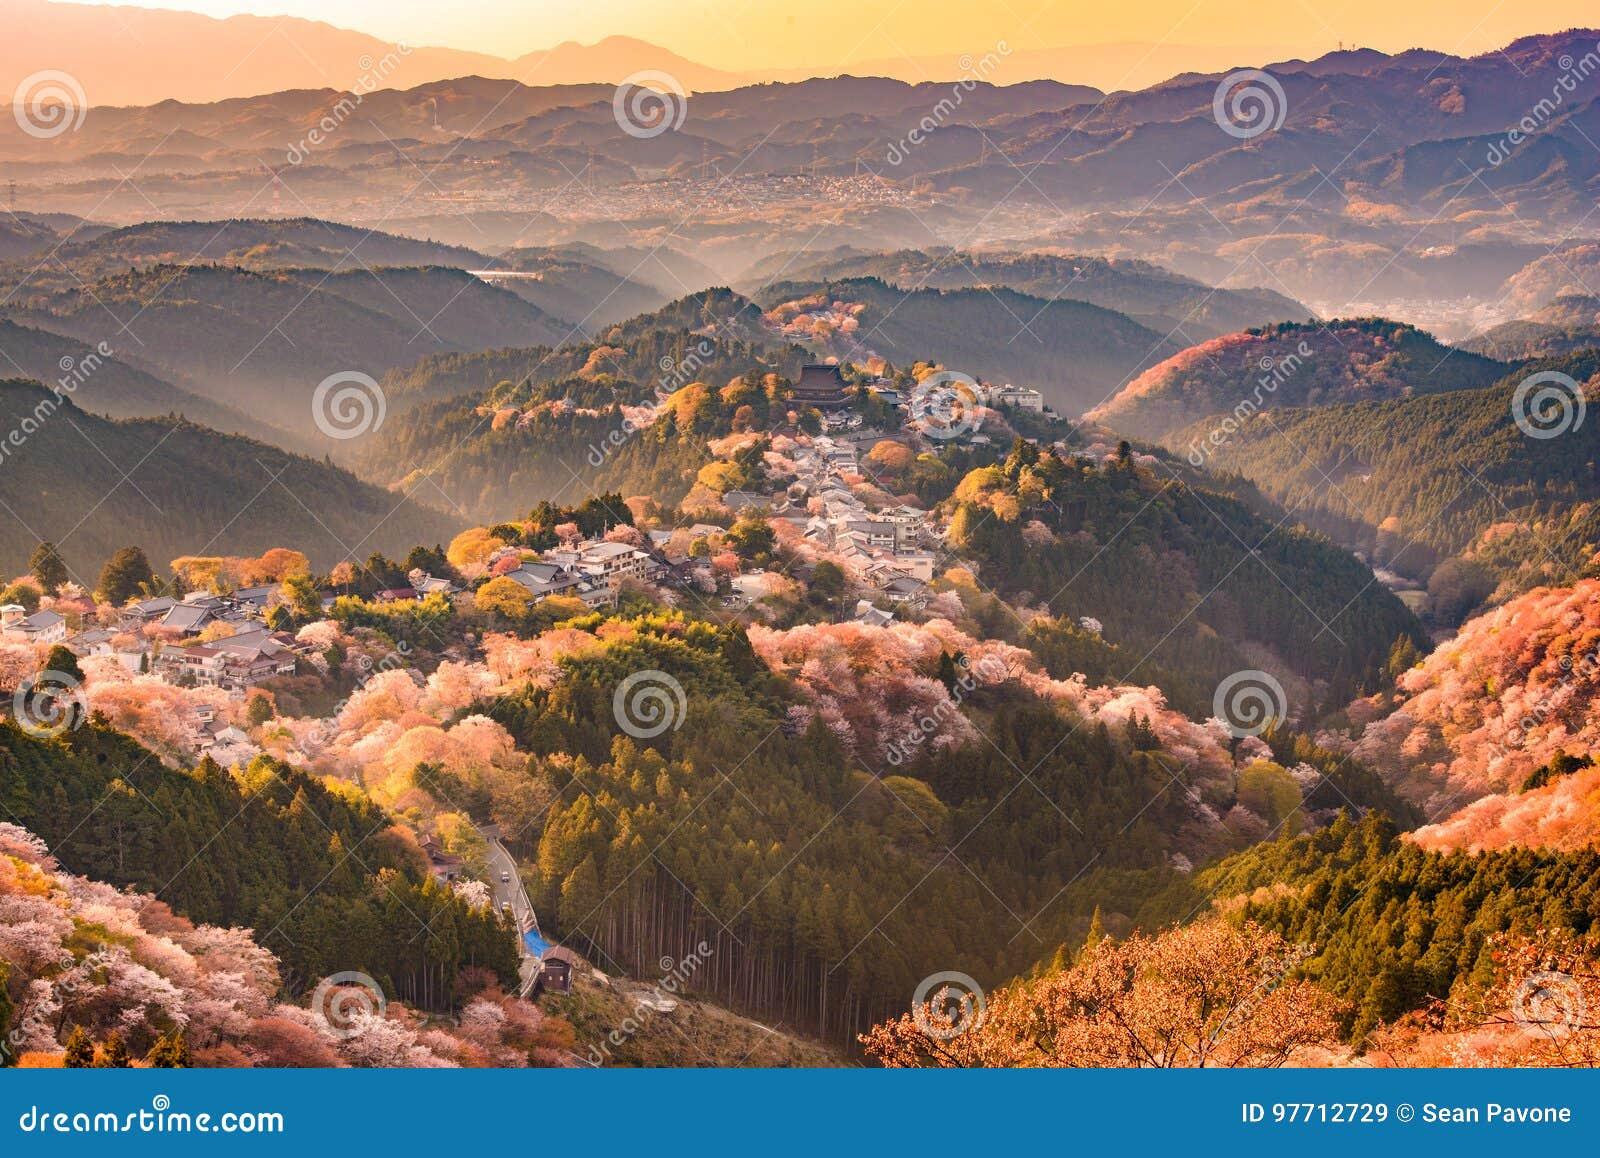 Download Yoshinoyama, Japan In Spring Stock Image - Image of city, hanami: 97712729